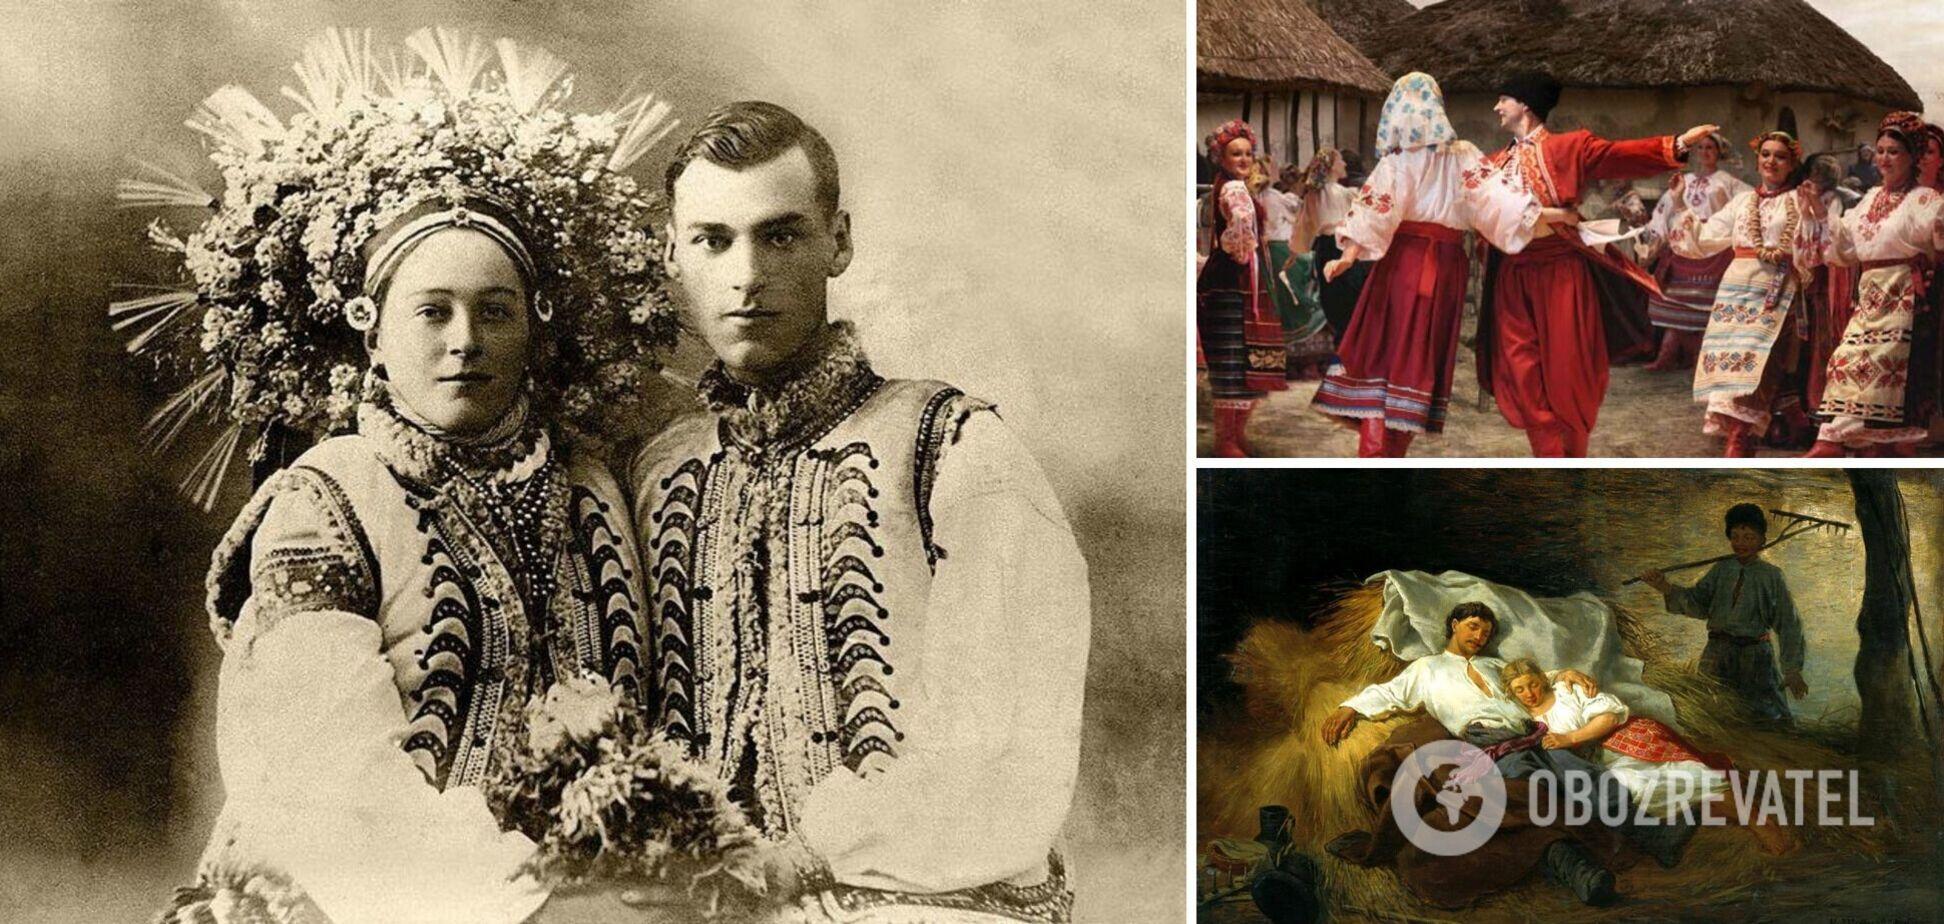 Какой была первая брачная ночь украинских молодоженов: этнолог рассказала о традициях, мифах и реальности